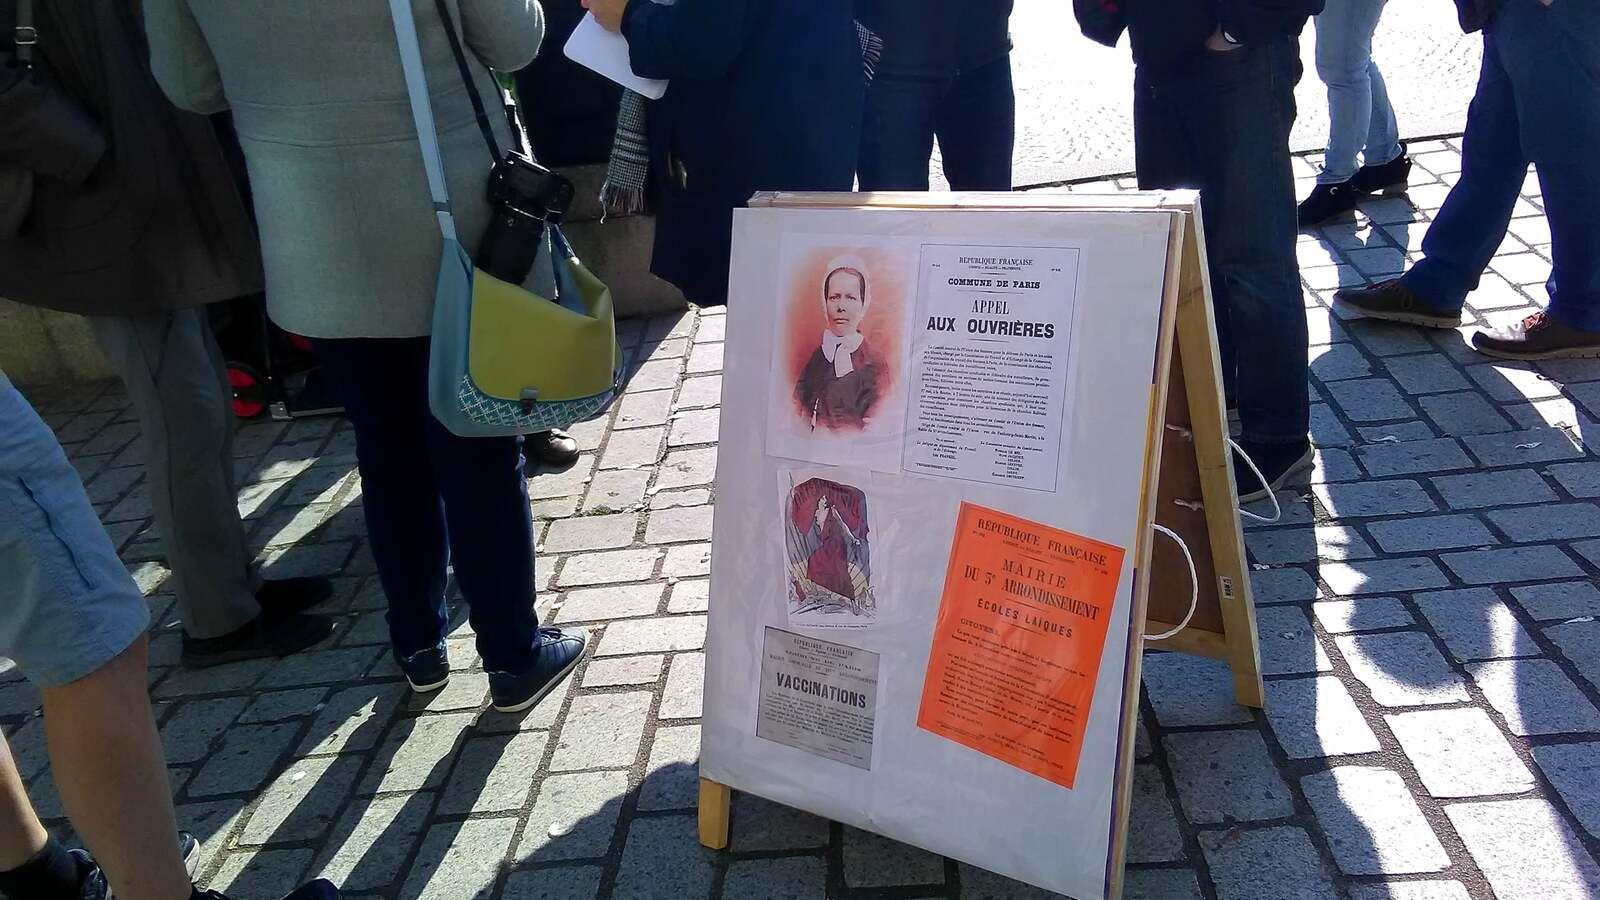 6 mars: Quimper - photos de l'hommage du PCF à Nathalie Lemel - Discours d'Yvonne Rainero